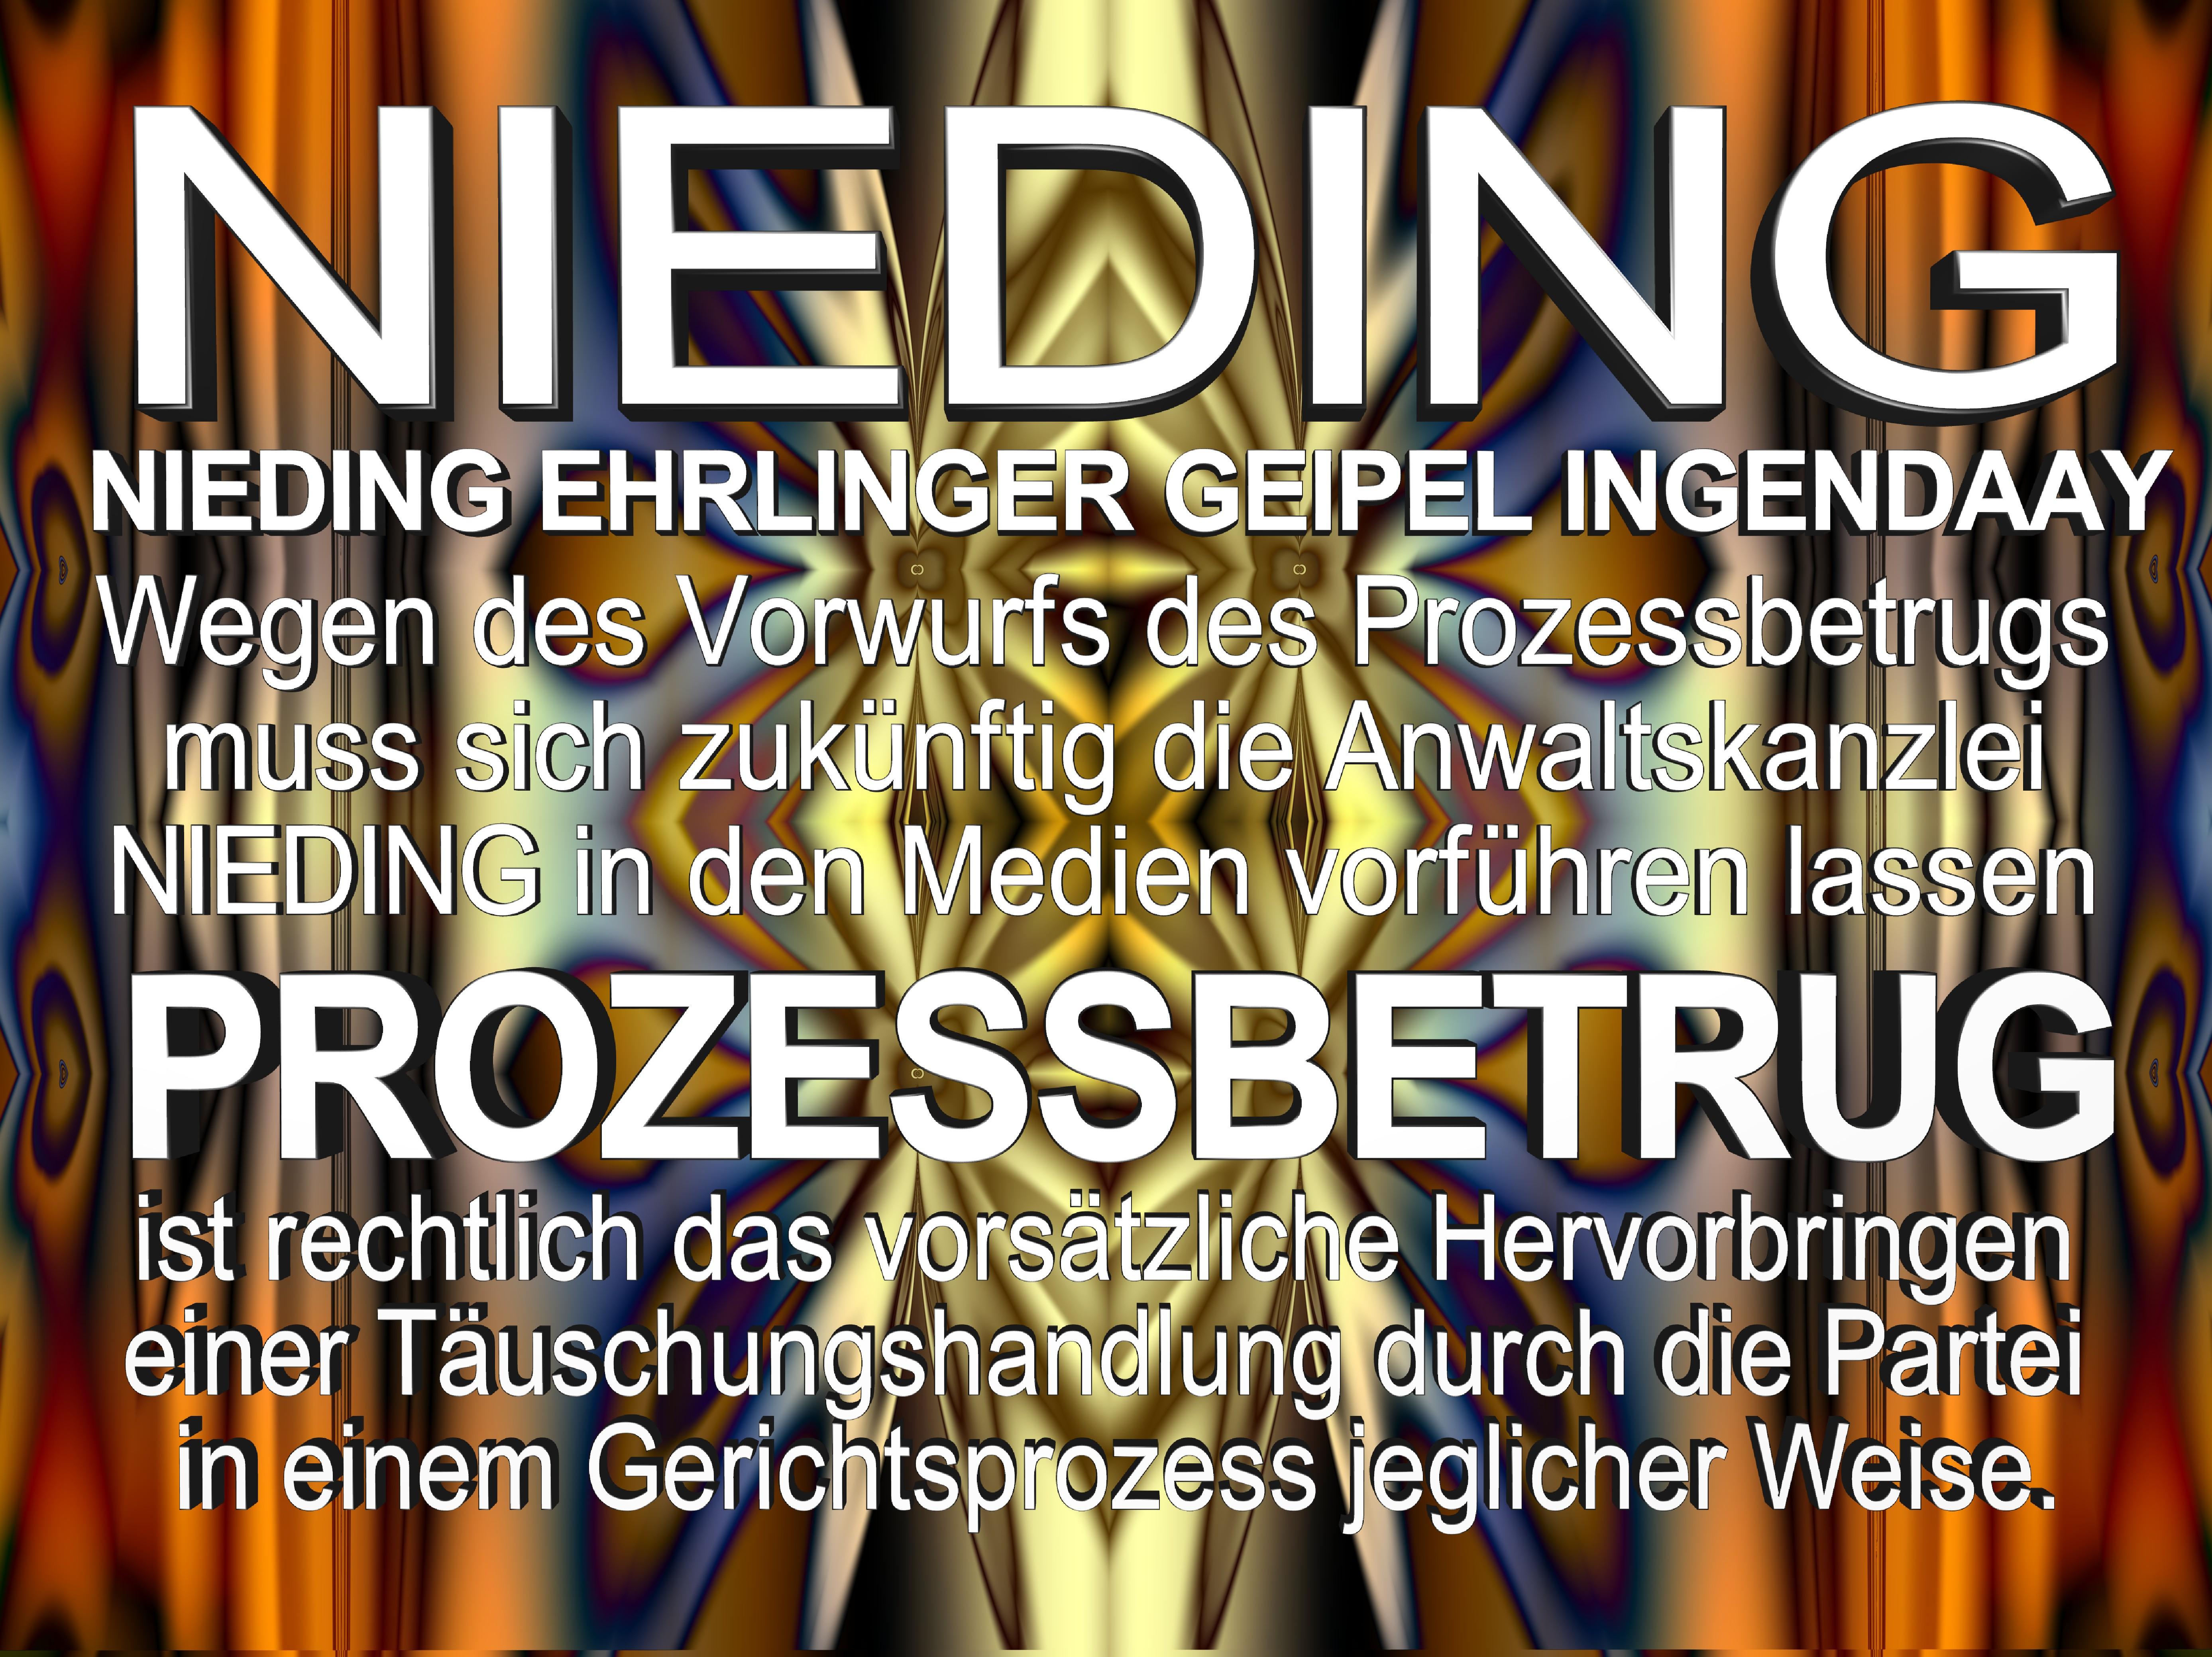 NIEDING EHRLINGER GEIPEL INGENDAAY LELKE Kurfürstendamm 66 Berlin Rechtsanwalt gewerblicher Rechtsschutz Rechtsanwälte(181)